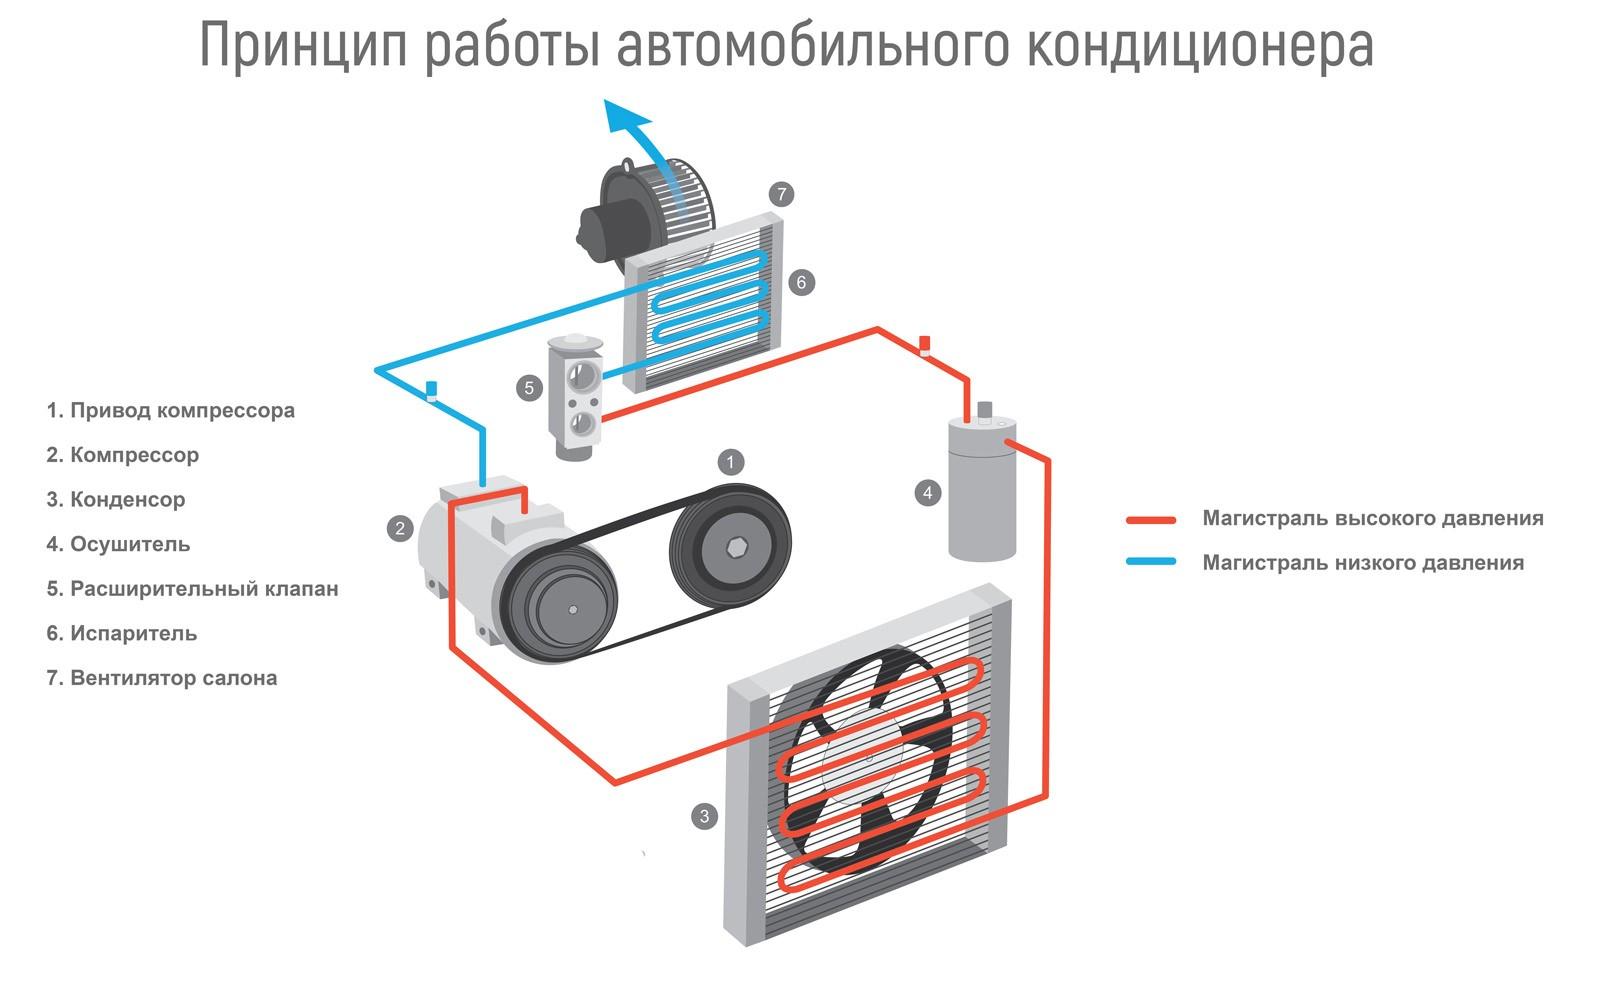 Антибиотиком по заразе, водой по радиатору: как самостоятельно обслужить кондиционер?